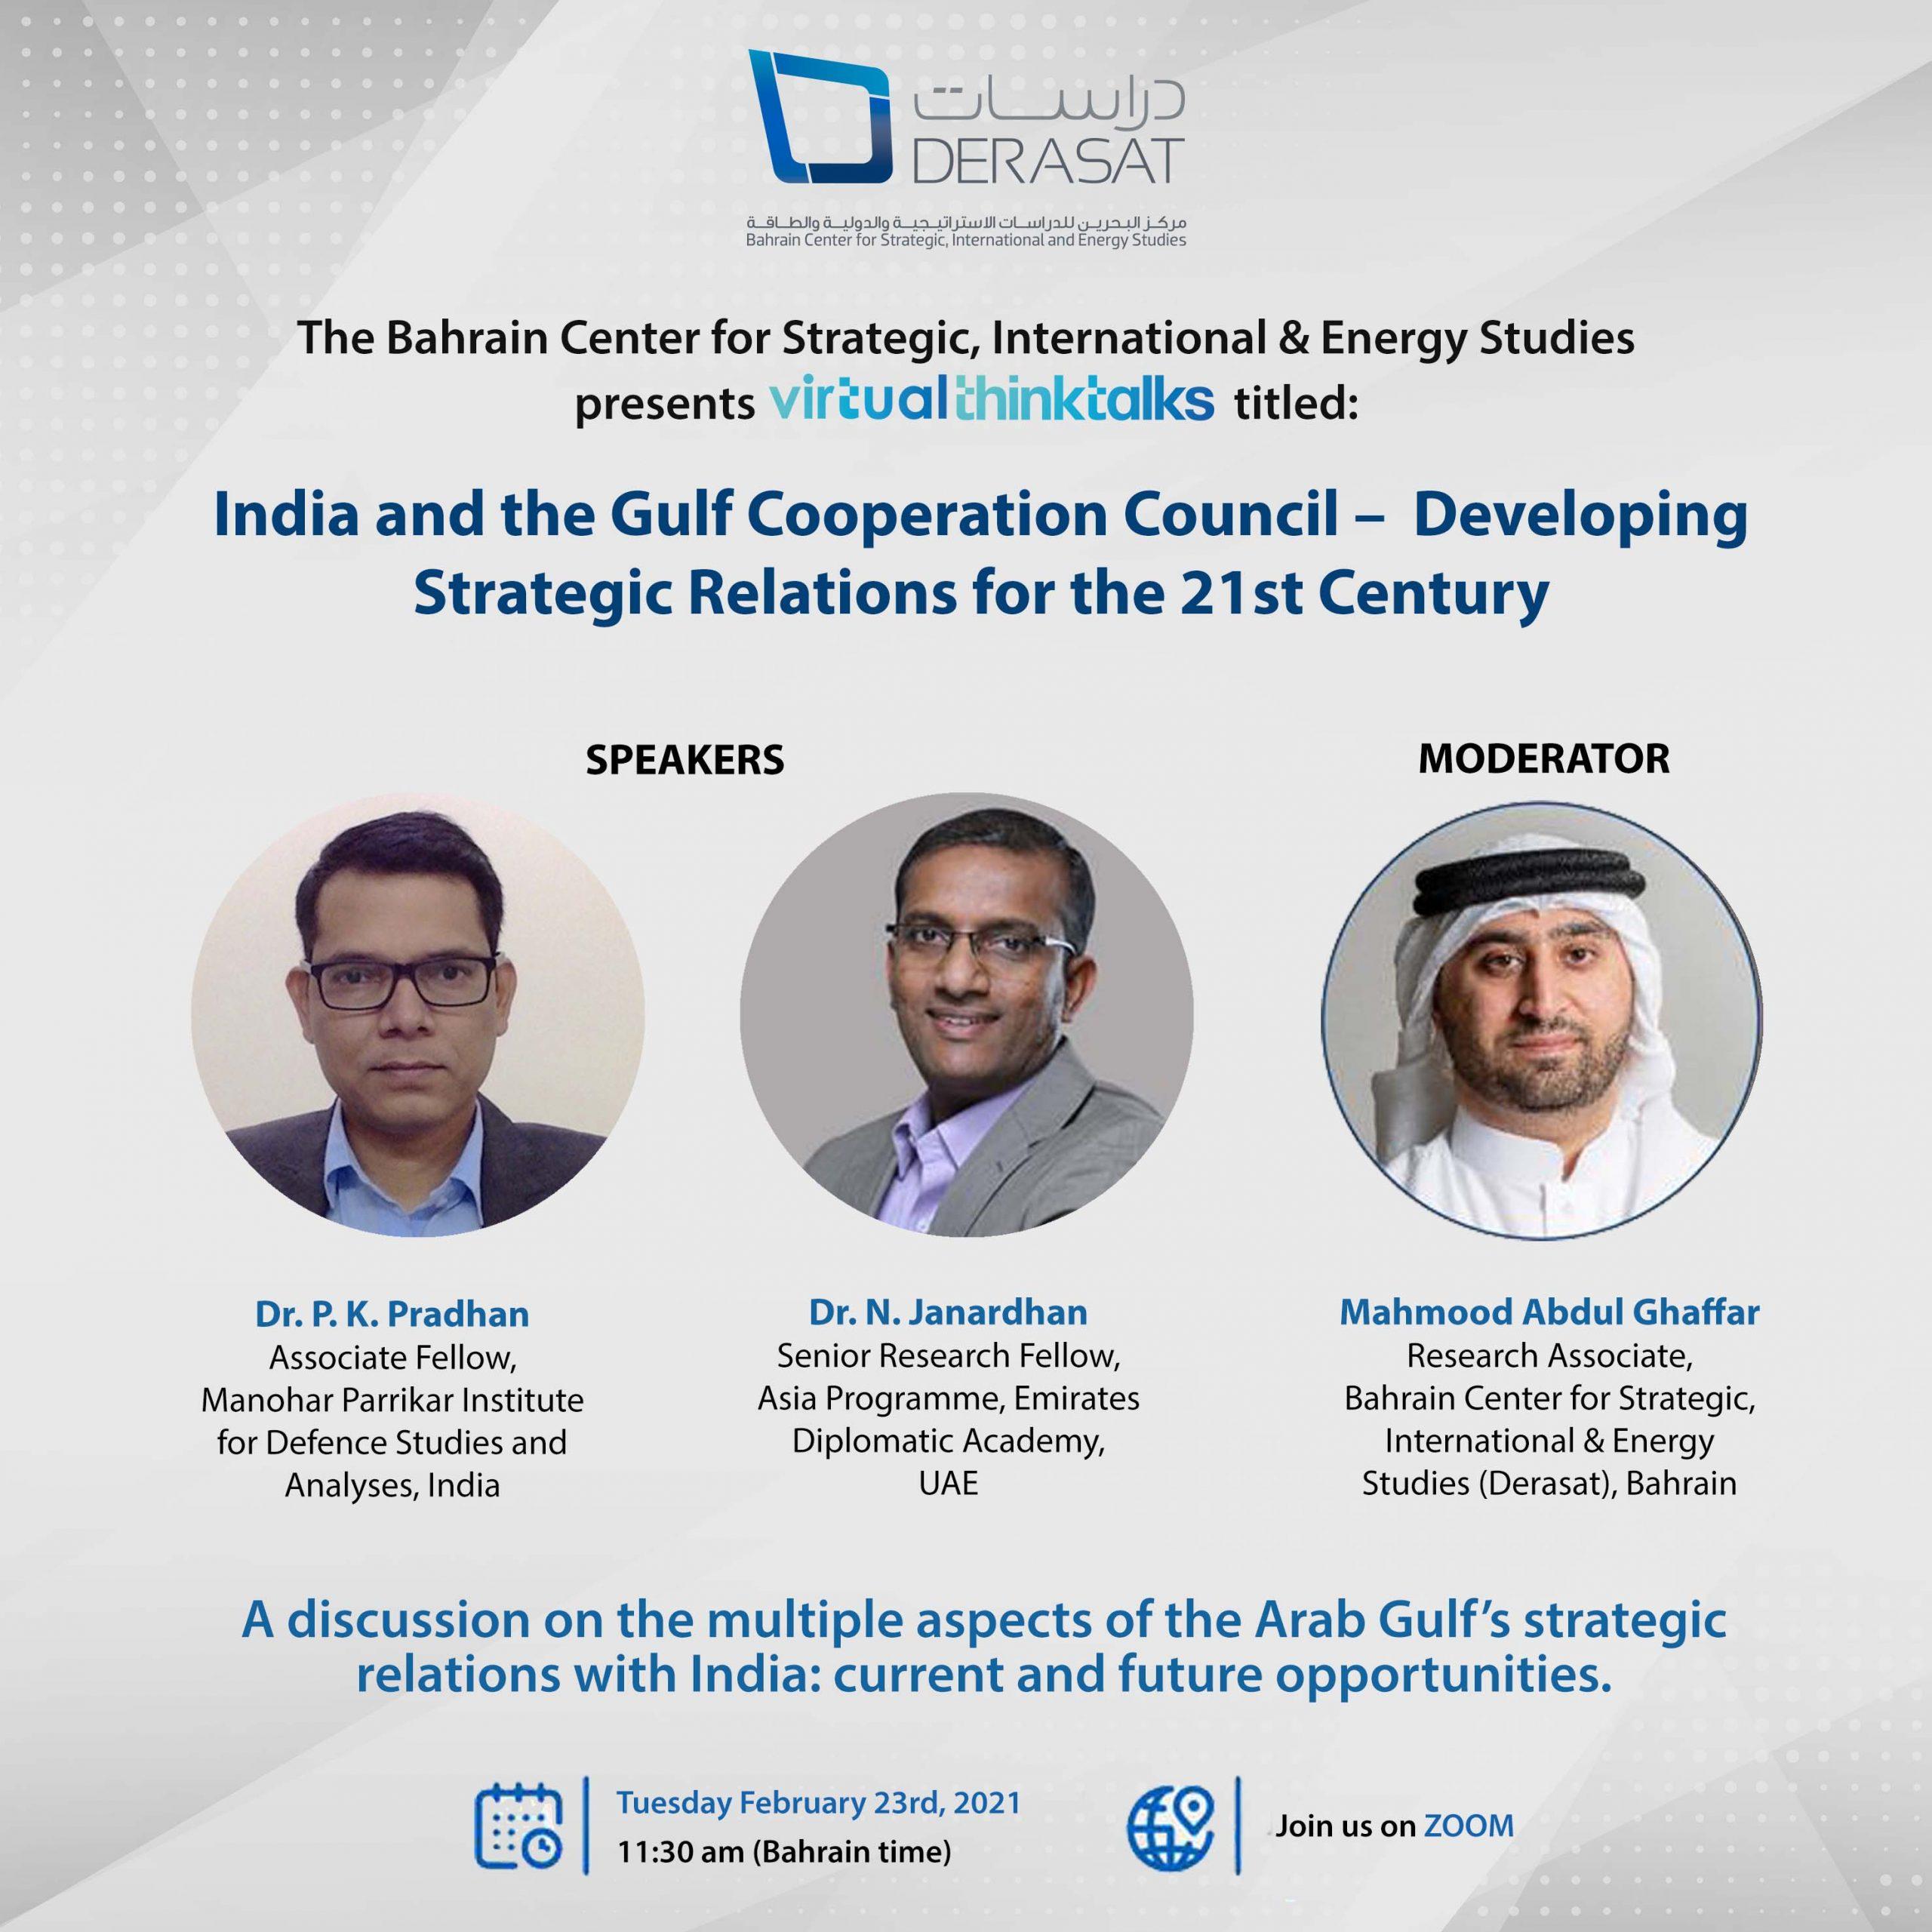 حوار فكري مرئي: الهند ومجلس التعاون الخليجي – تطوير العلاقات الاستراتيجية للقرن الحادي والعشرين